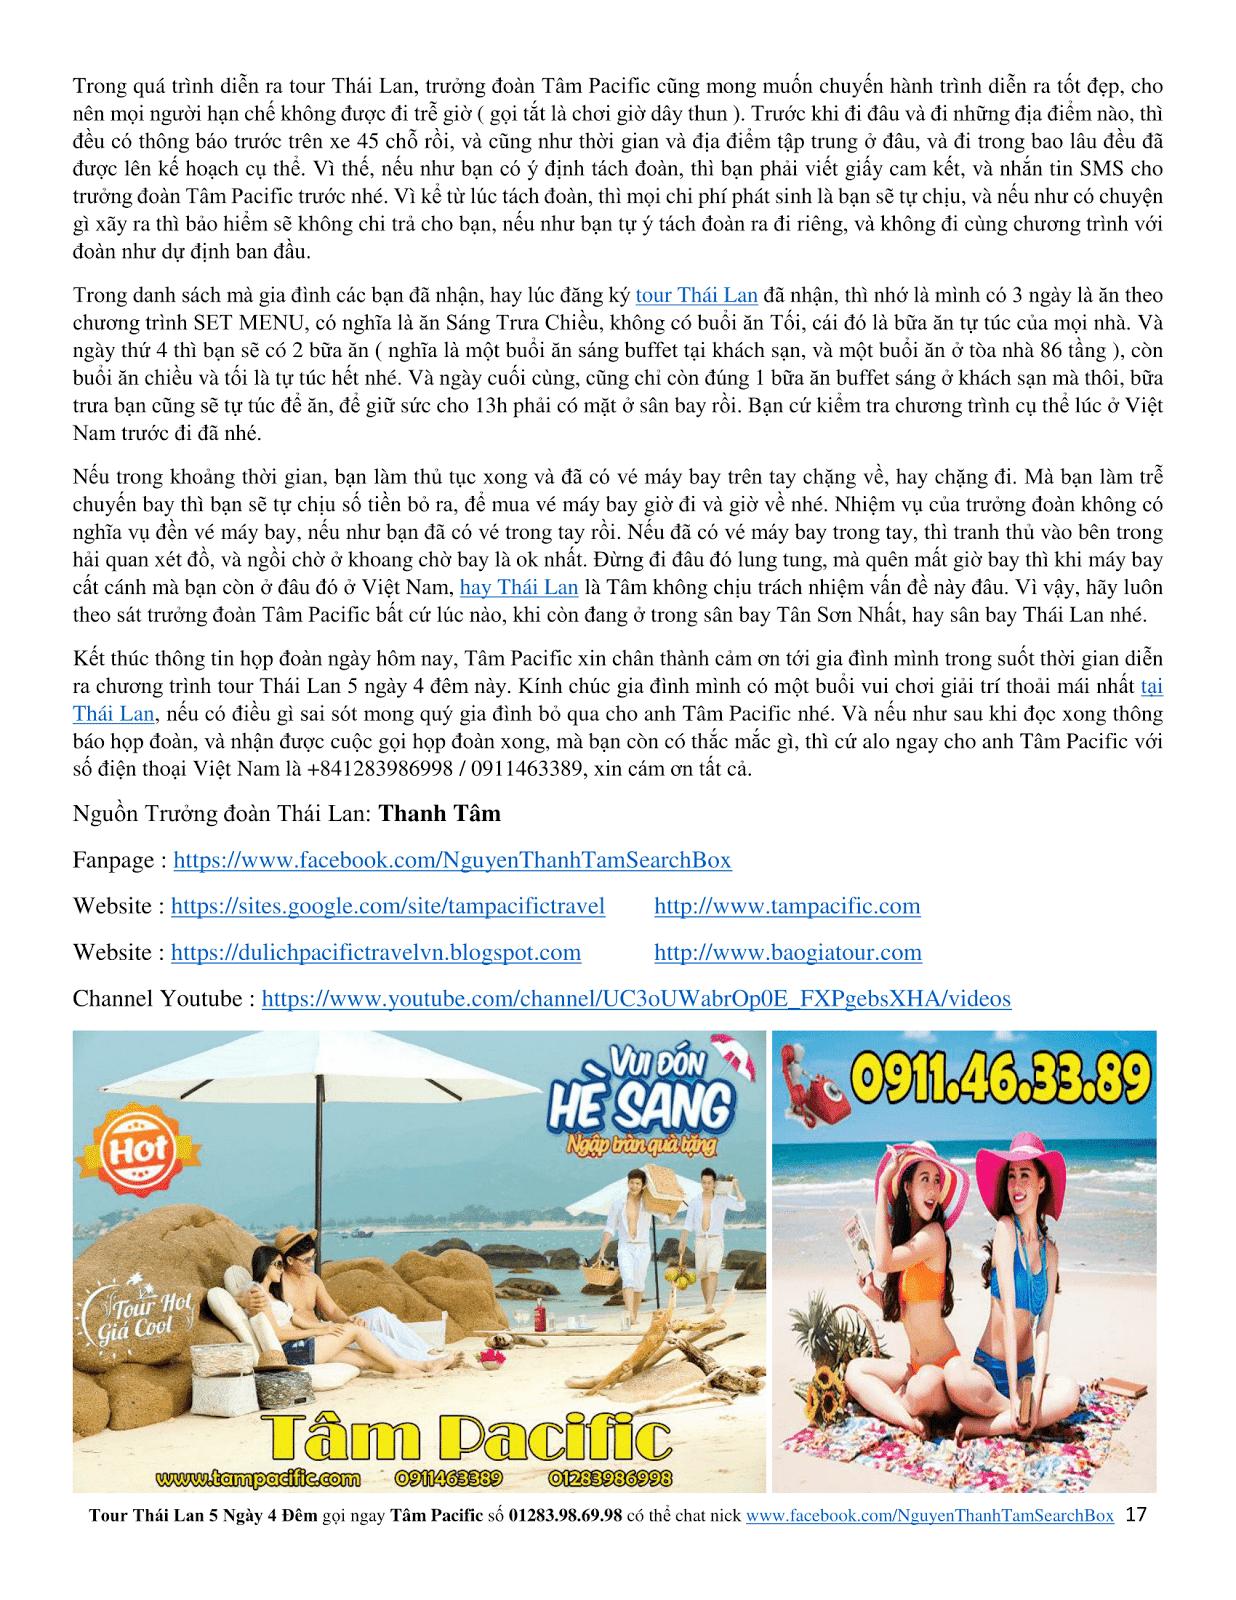 Báo giá tour du lịch Thái Lan 5 ngày 4 đêm siêu rẻ